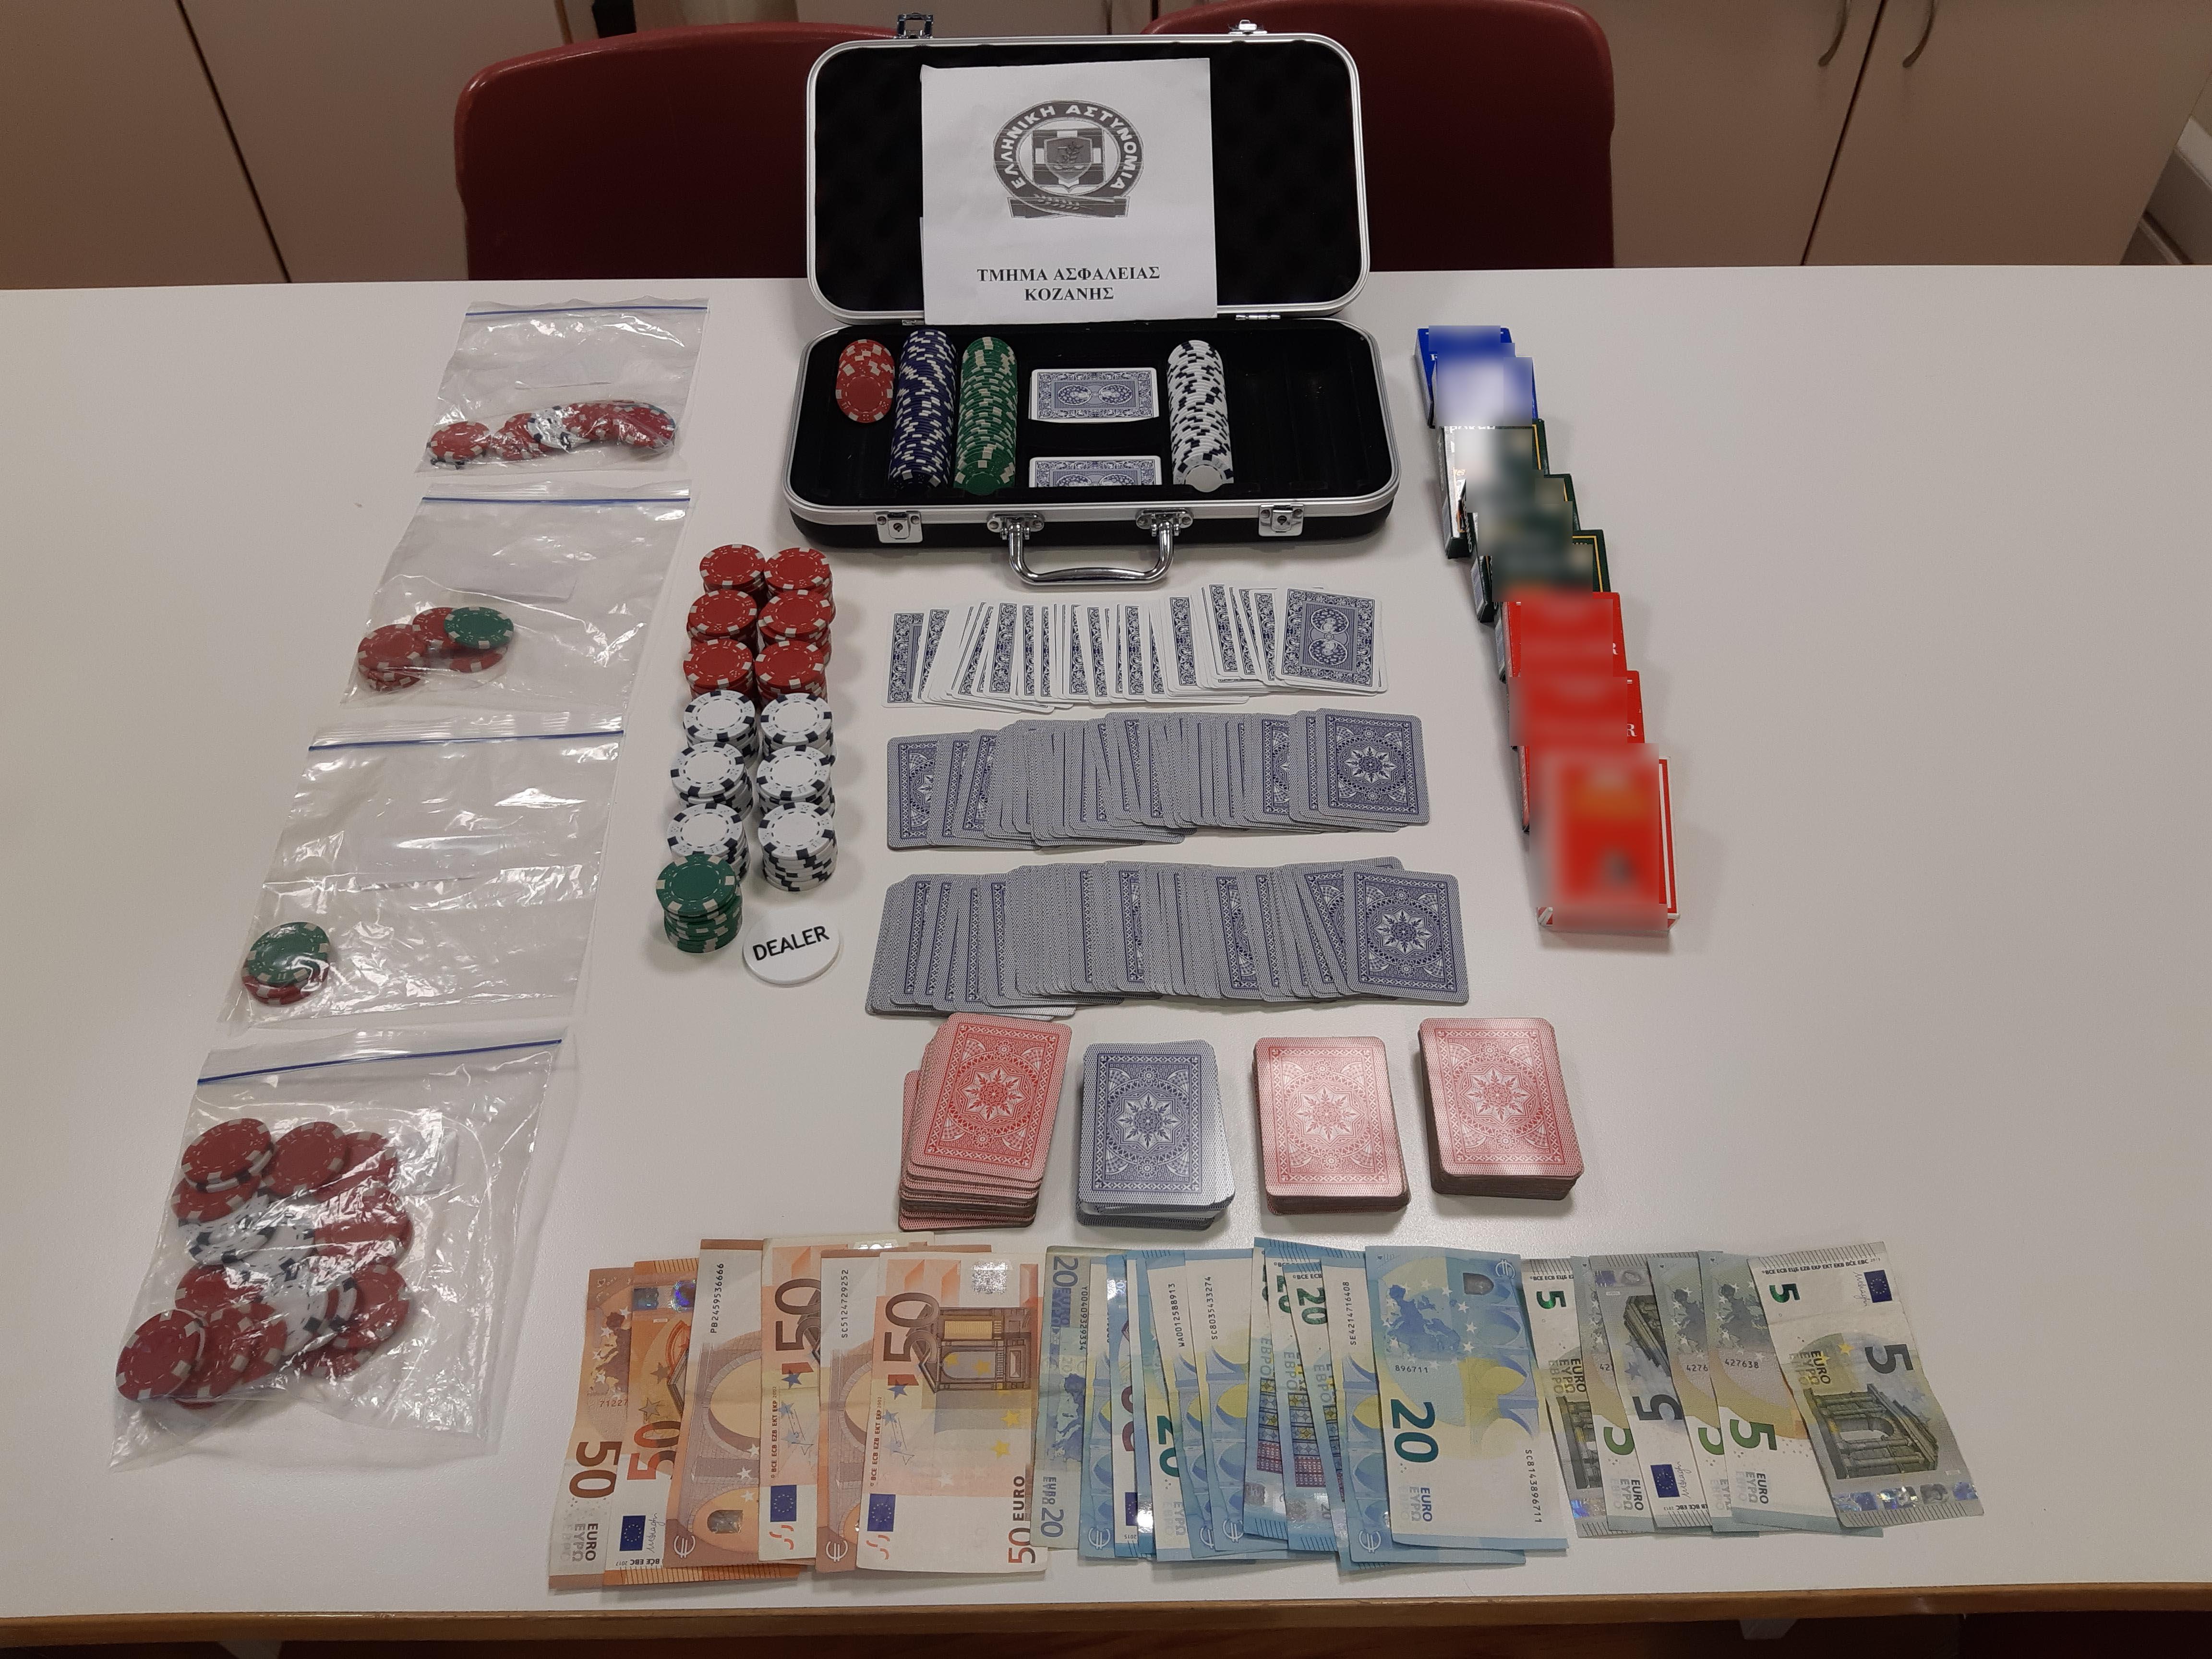 Συλλήψεις ατόμων και εξιχνίαση κλοπής, κατά το τελευταίο 24ωρο, για διάφορα ποινικά αδικήματα στη Δυτική Μακεδονία. Μεταξύ των οποίων η υπεξαίρεση ποσού 6.800 ευρώ